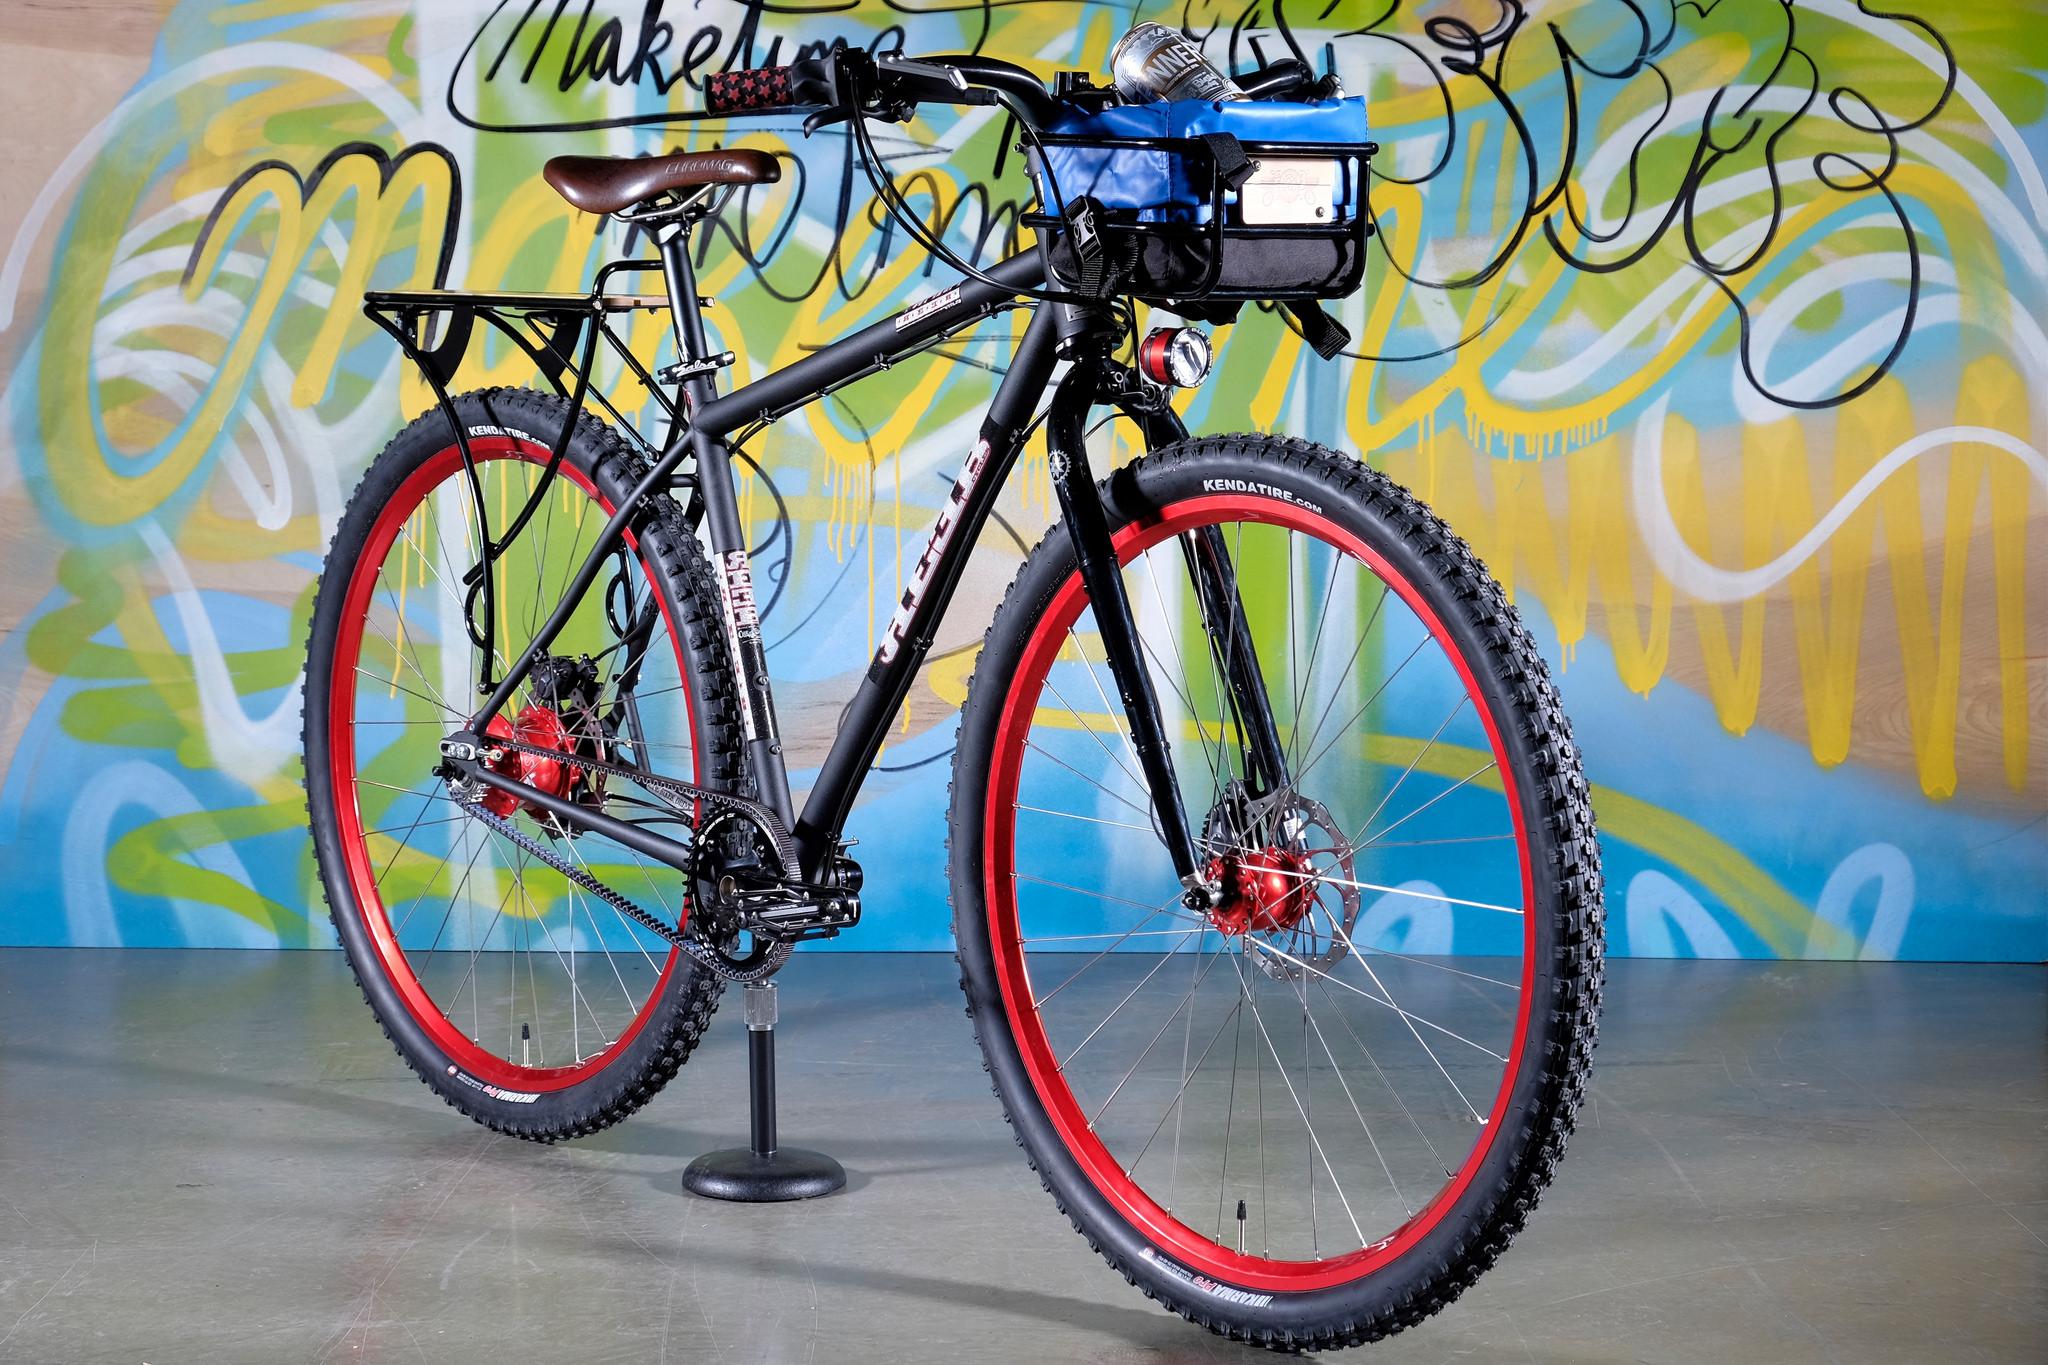 REEB beer bike